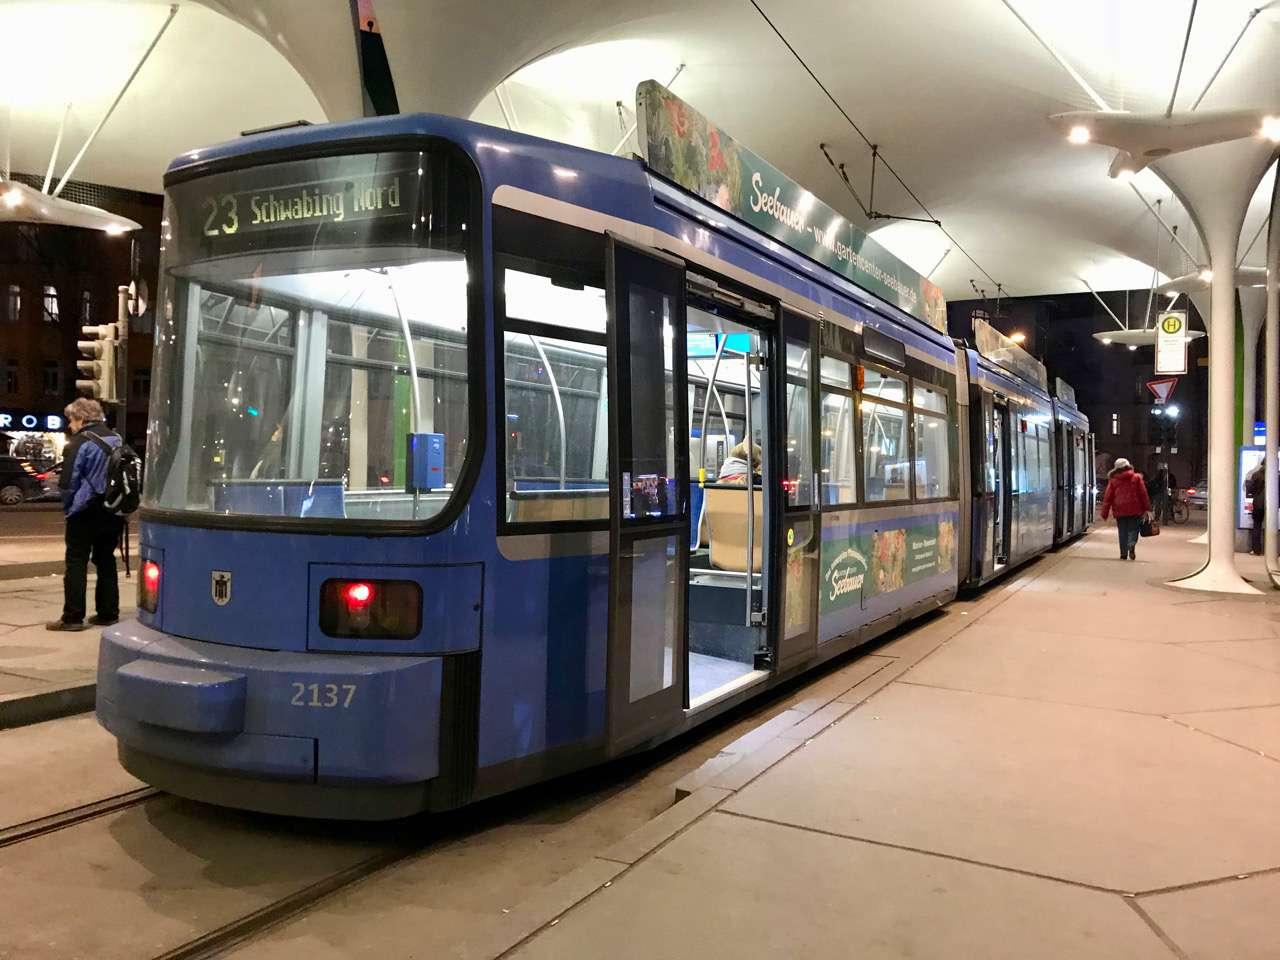 streetcar in Munich